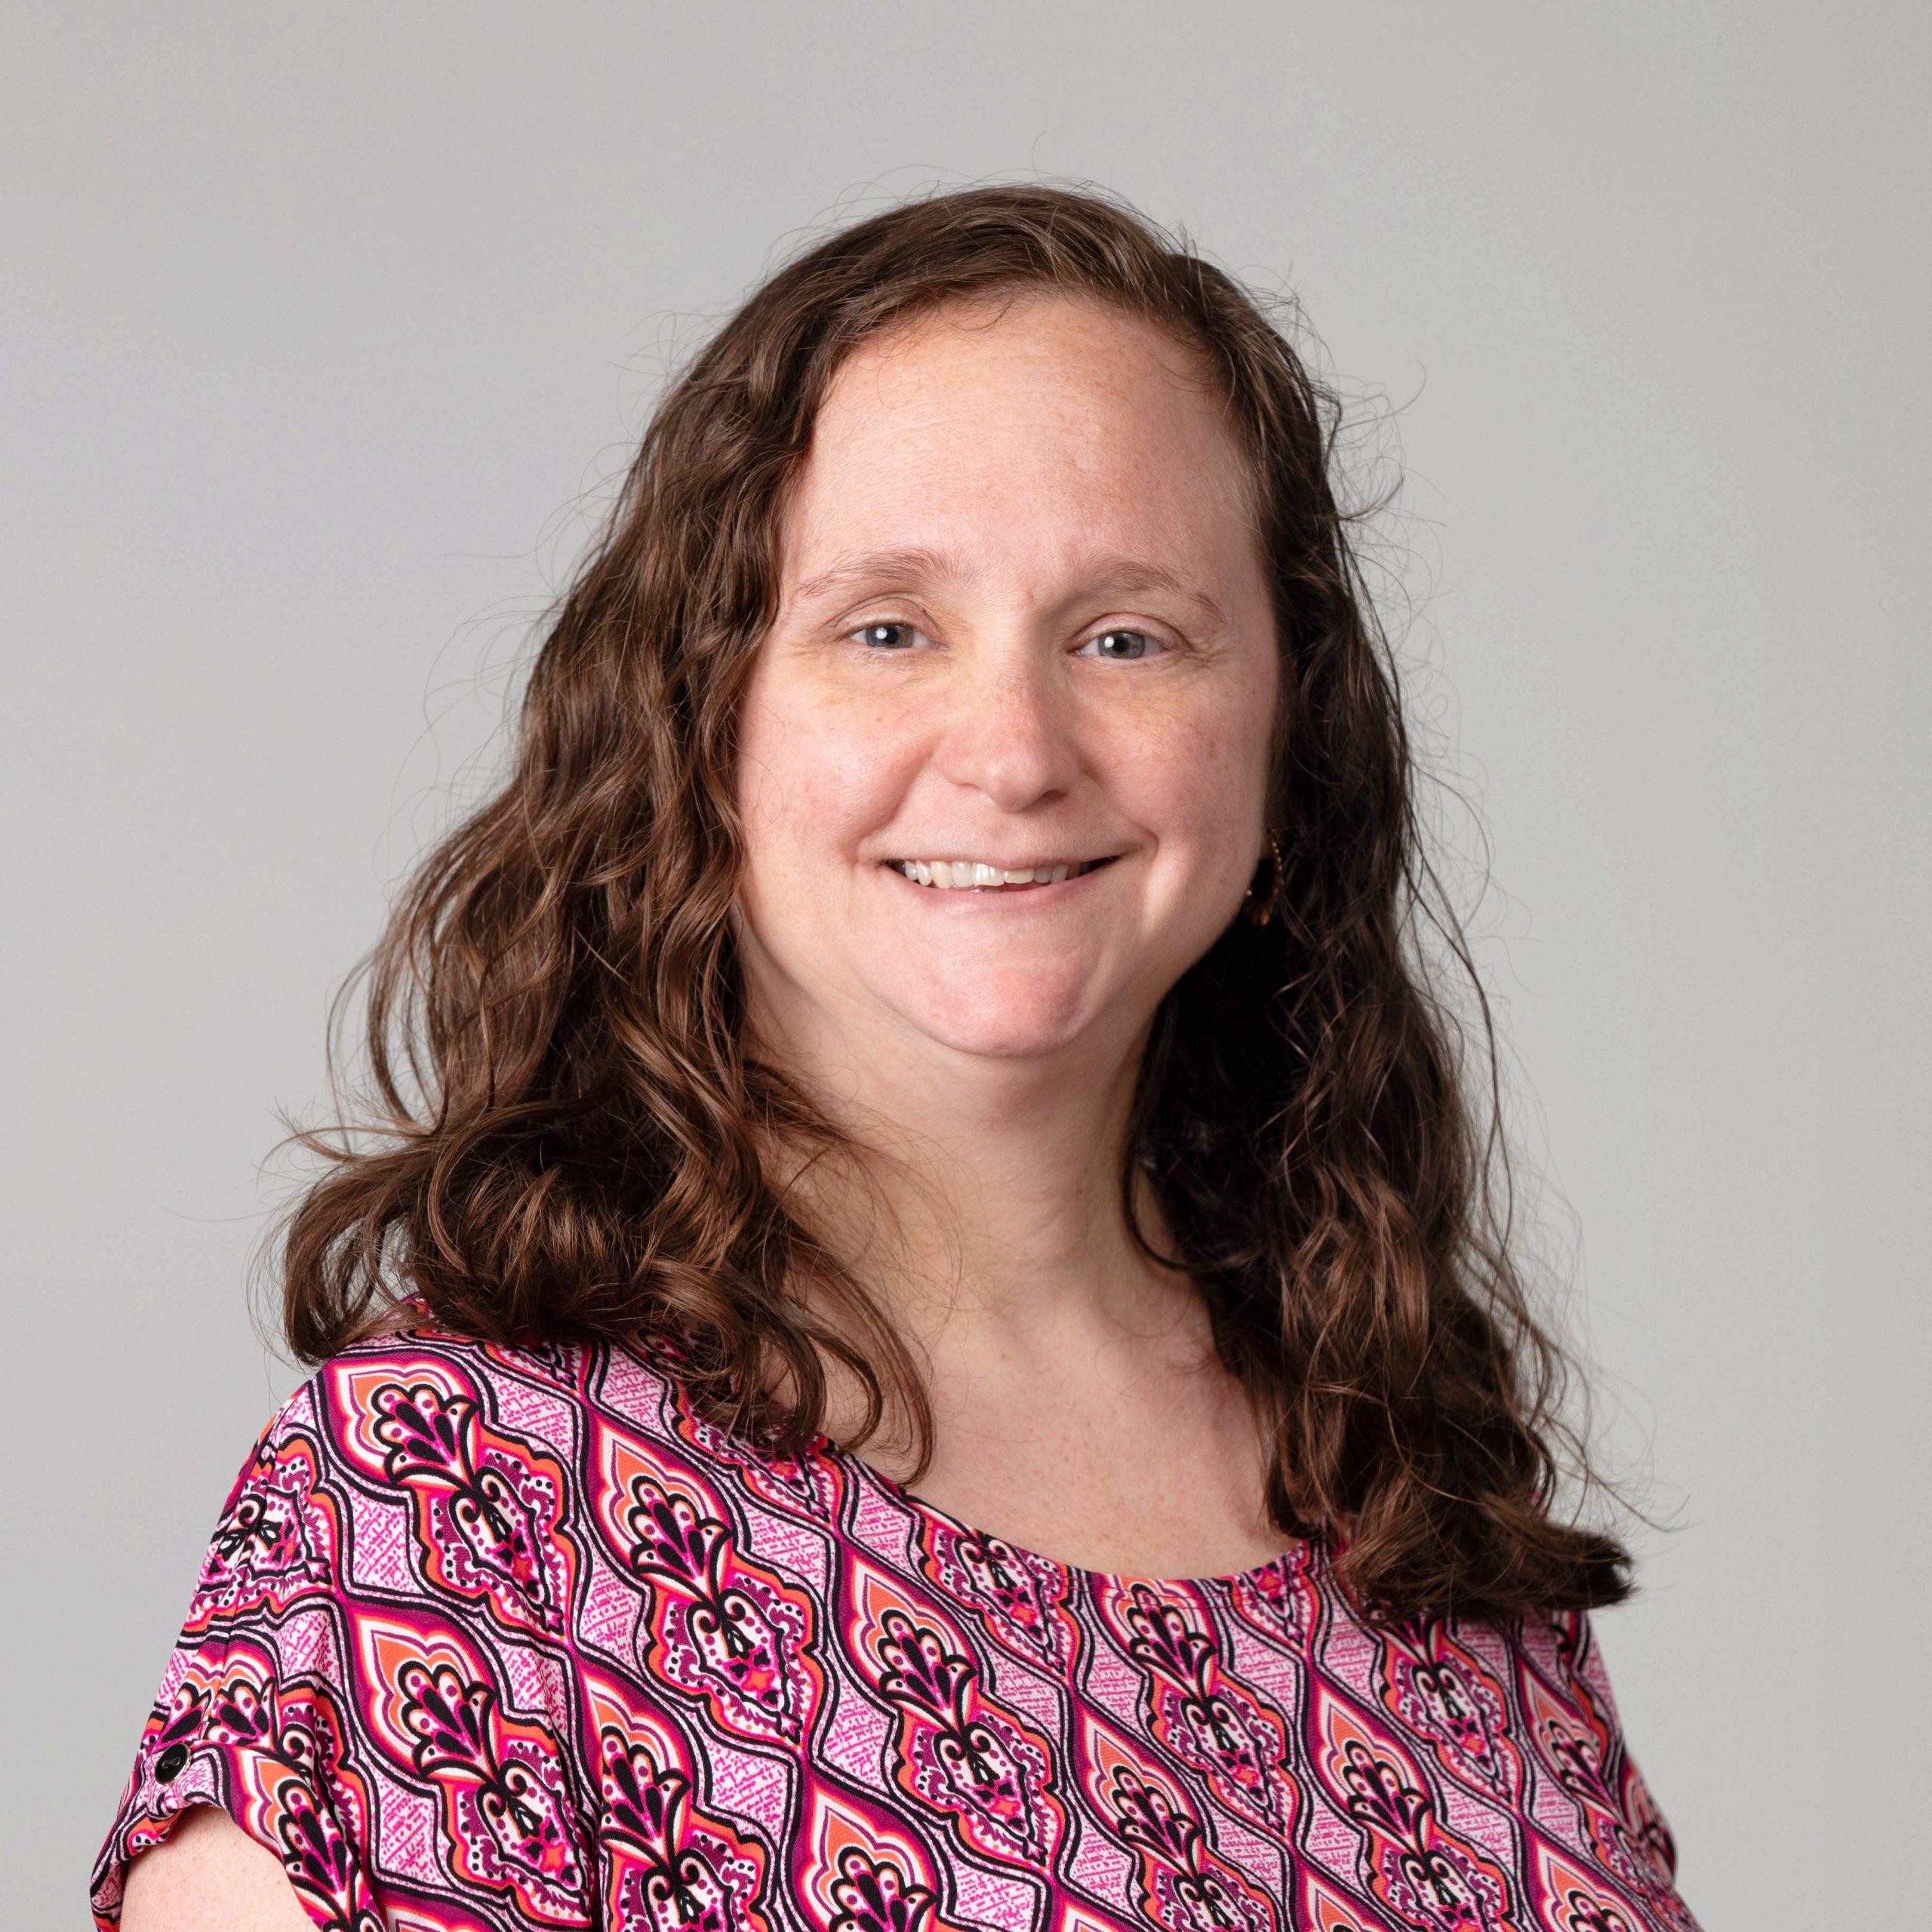 Melinda McCormick